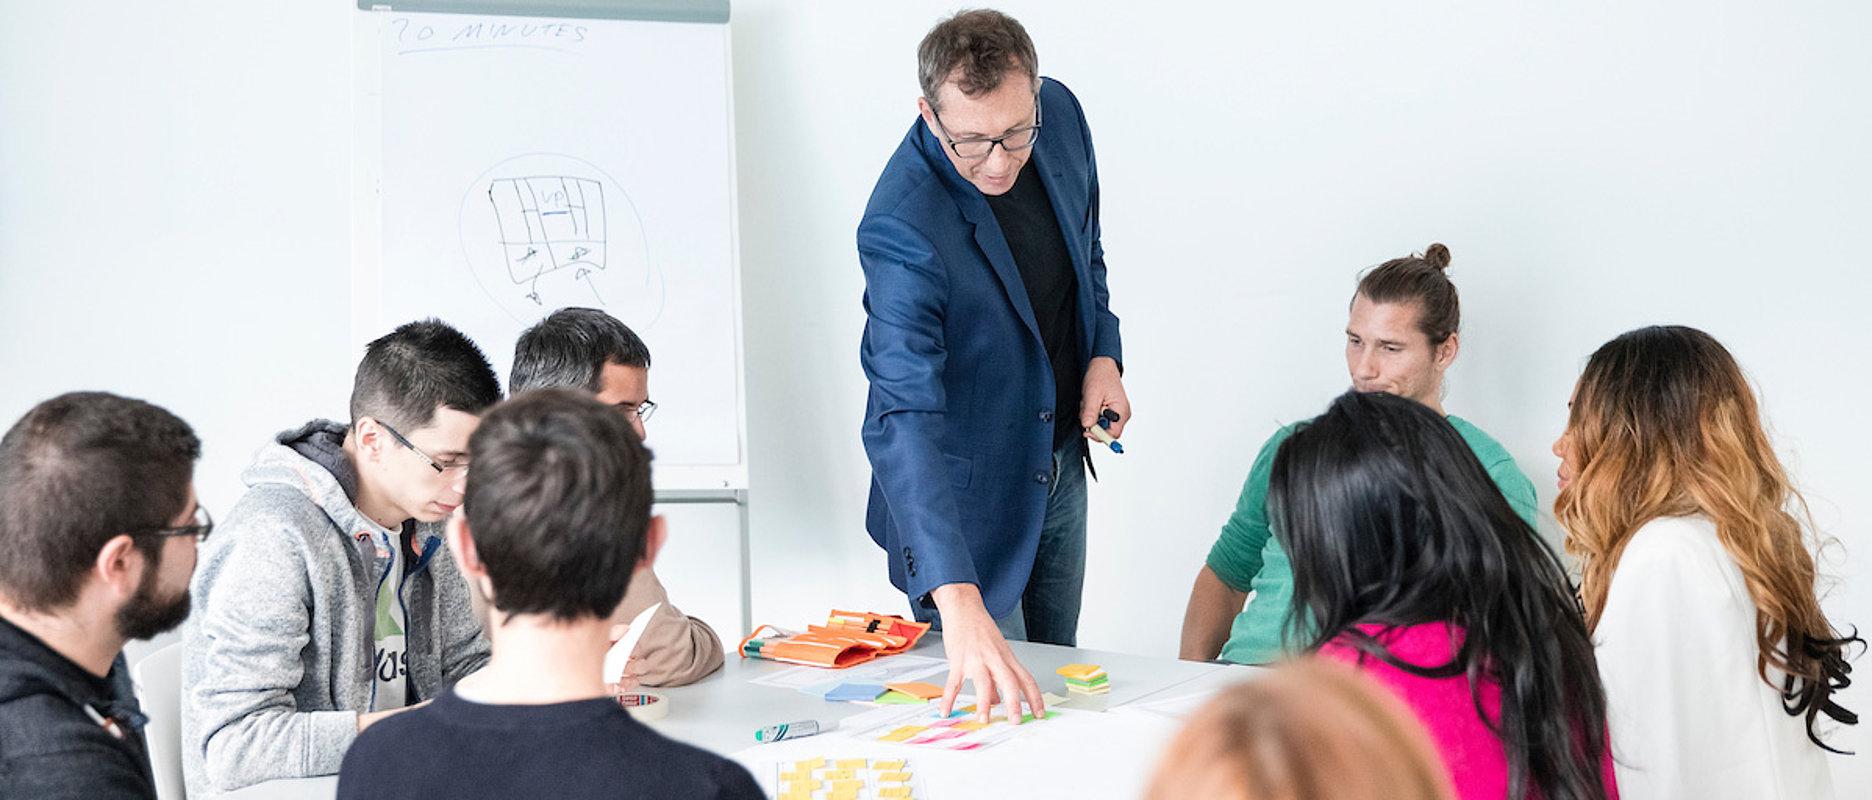 Enseignant expliquant un exercice à ses étudiant-e-s